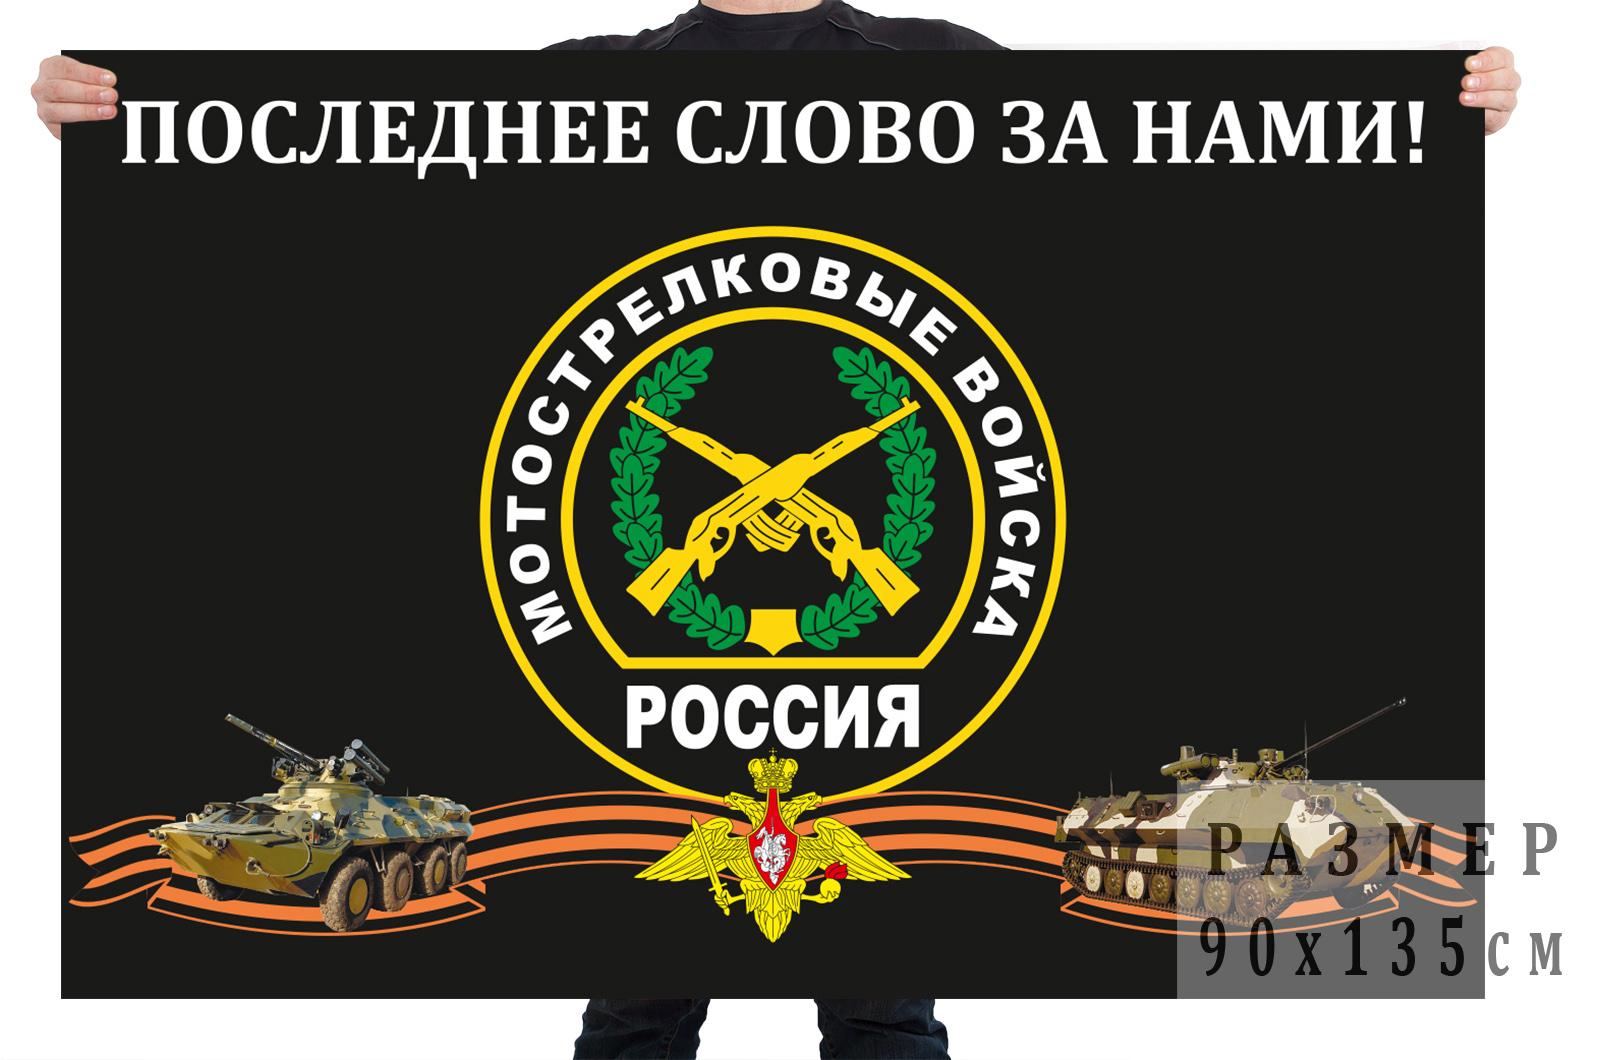 Купить флаг МСВ в Москве